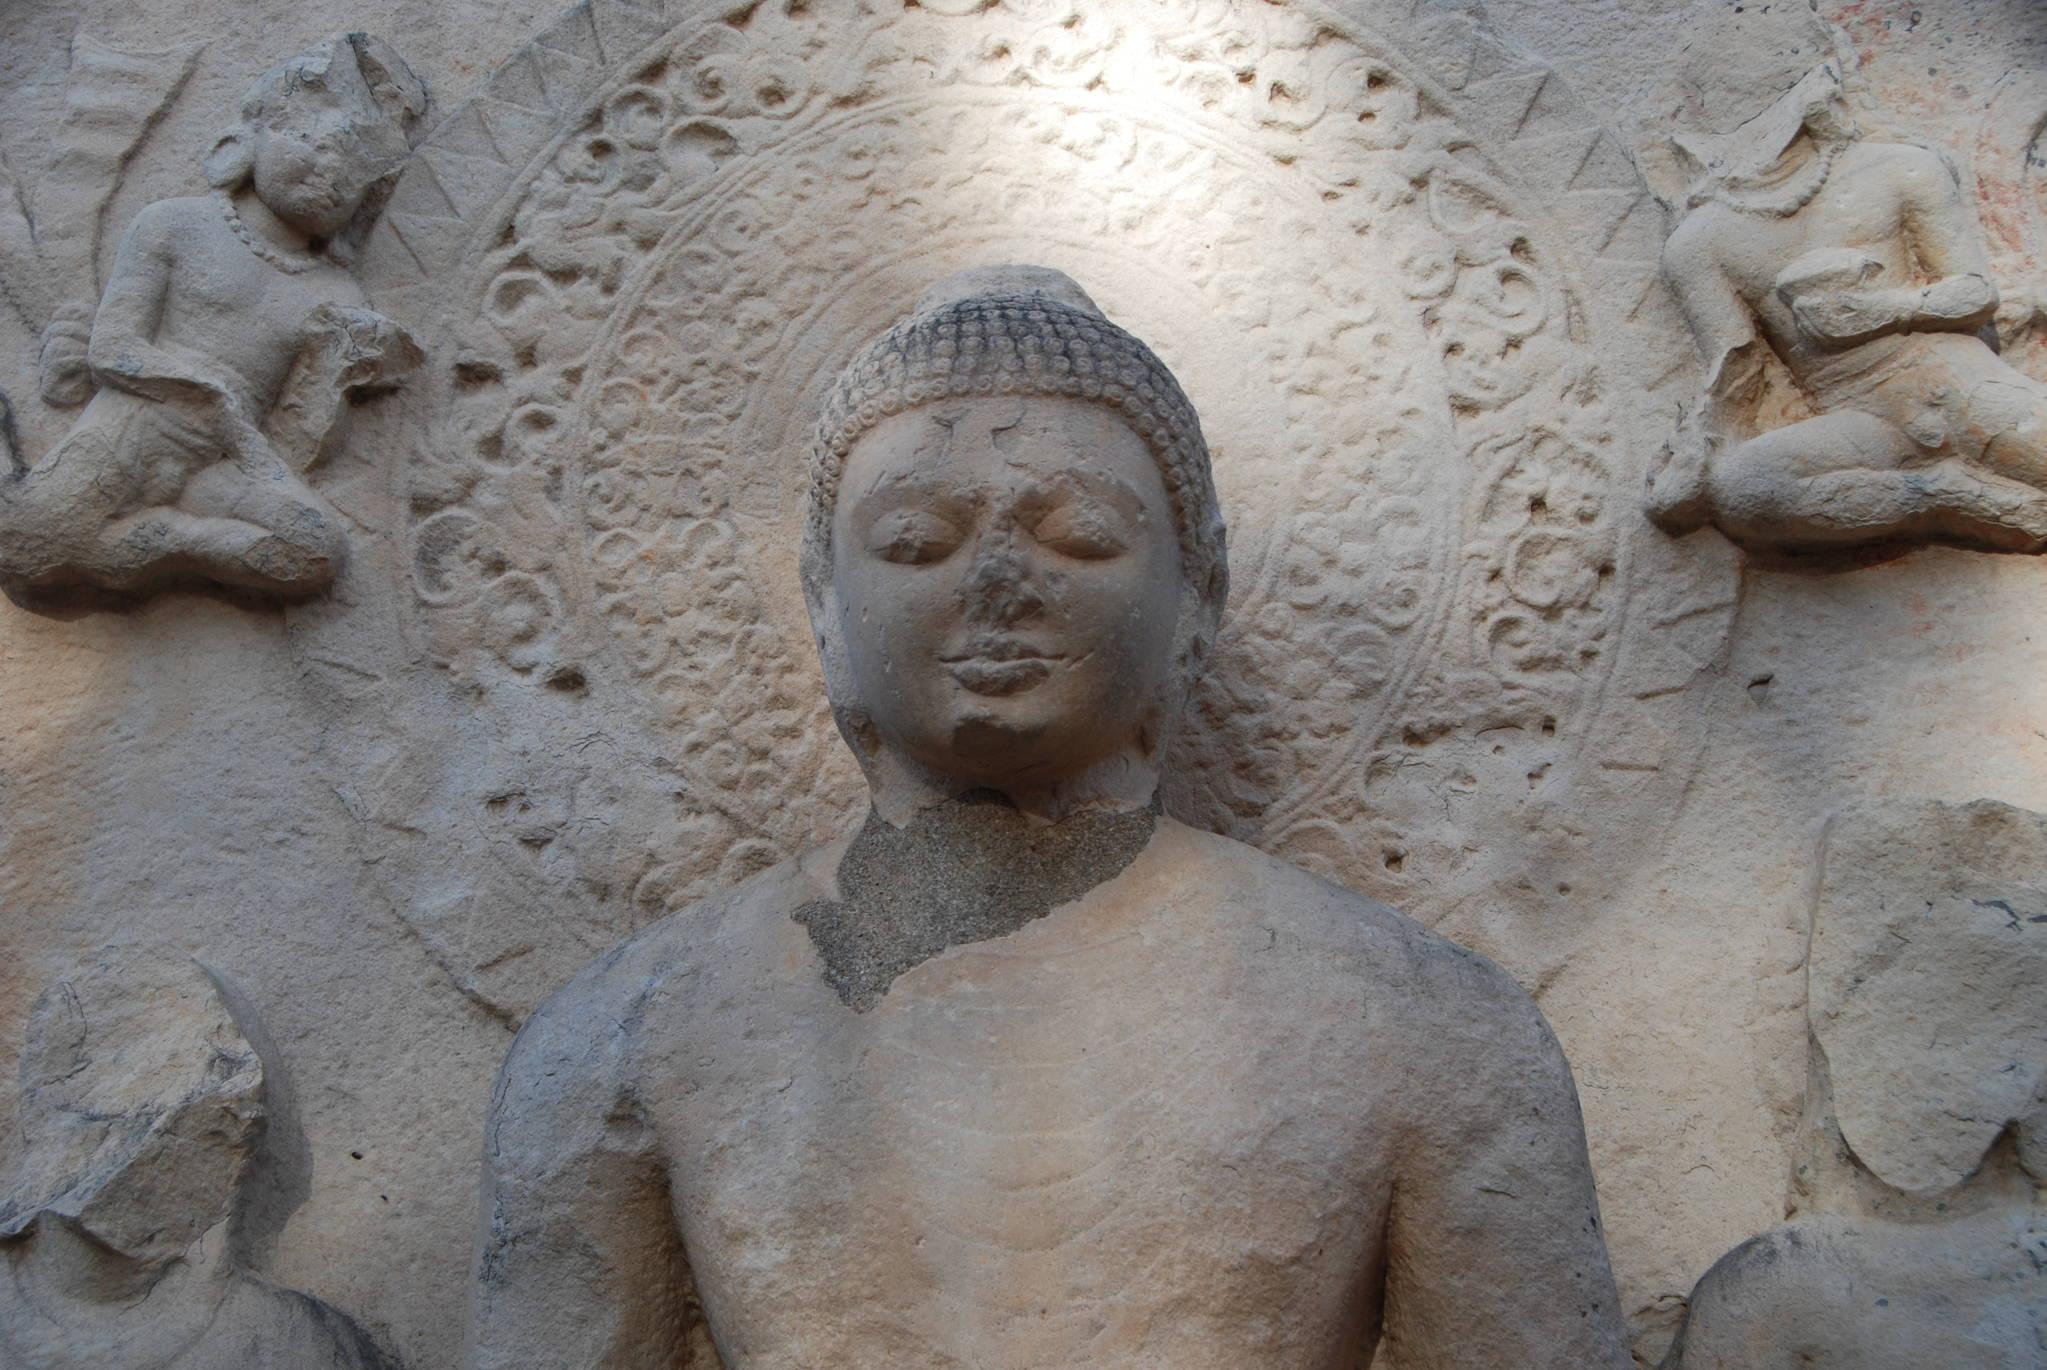 """인도 중부의 산치 대탑에 있는 불상. 붓다 당시에는 """"형상을 붙들지 말라""""는 가르침에 따라 무려 600년 동안 불상을 따로 만들지 않았다. 백성호 기자"""